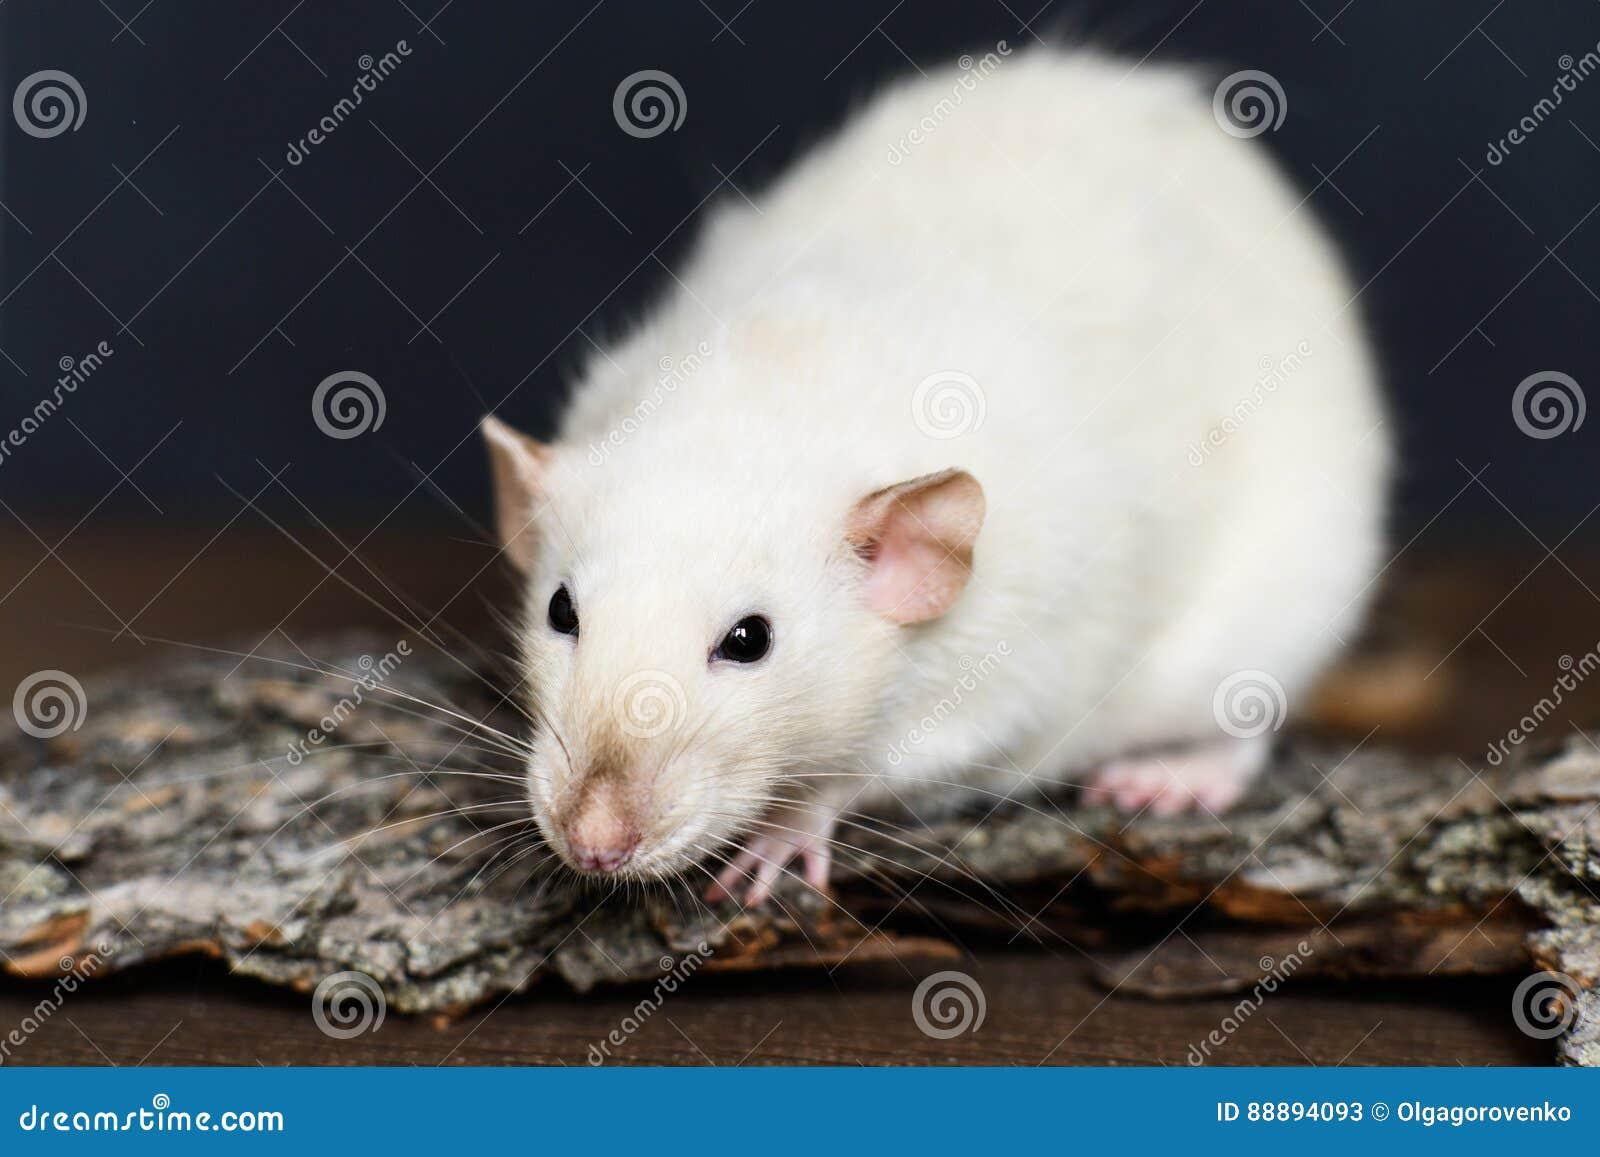 白色花梢鼠坐在黑暗的背景的木头